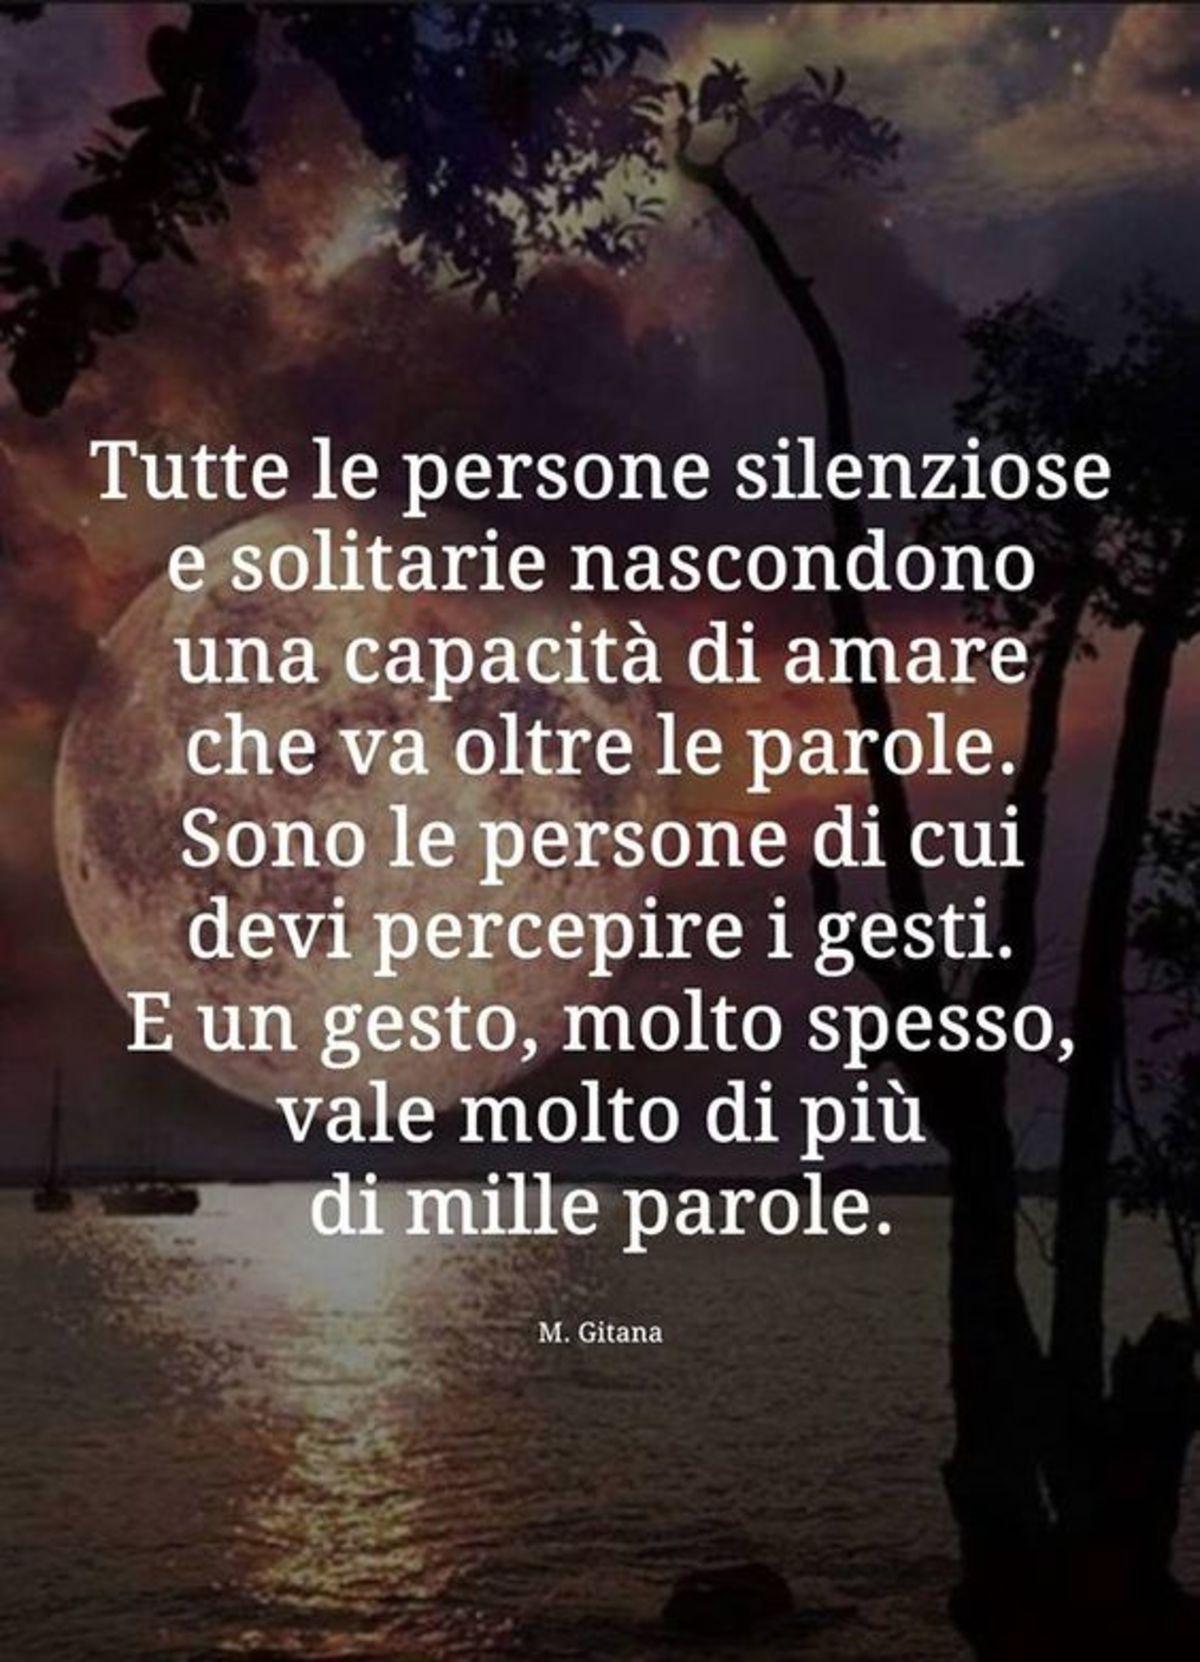 Tutte le persone silenziose e solitarie nascondono una capacità di amare che va oltre le parole.